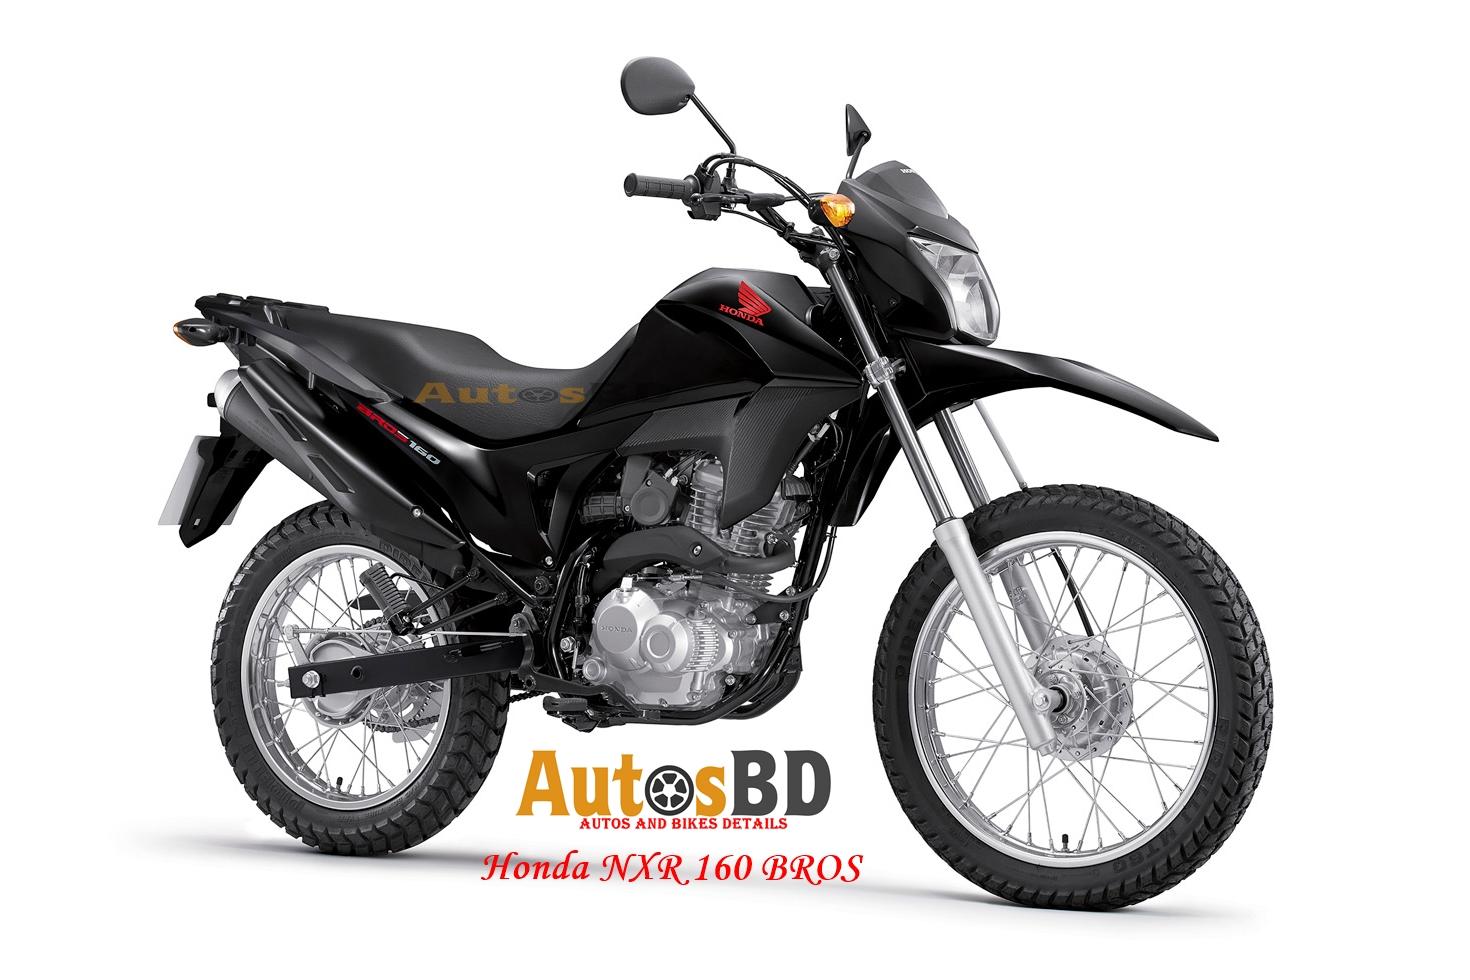 Honda NXR 160 BROS Price in India